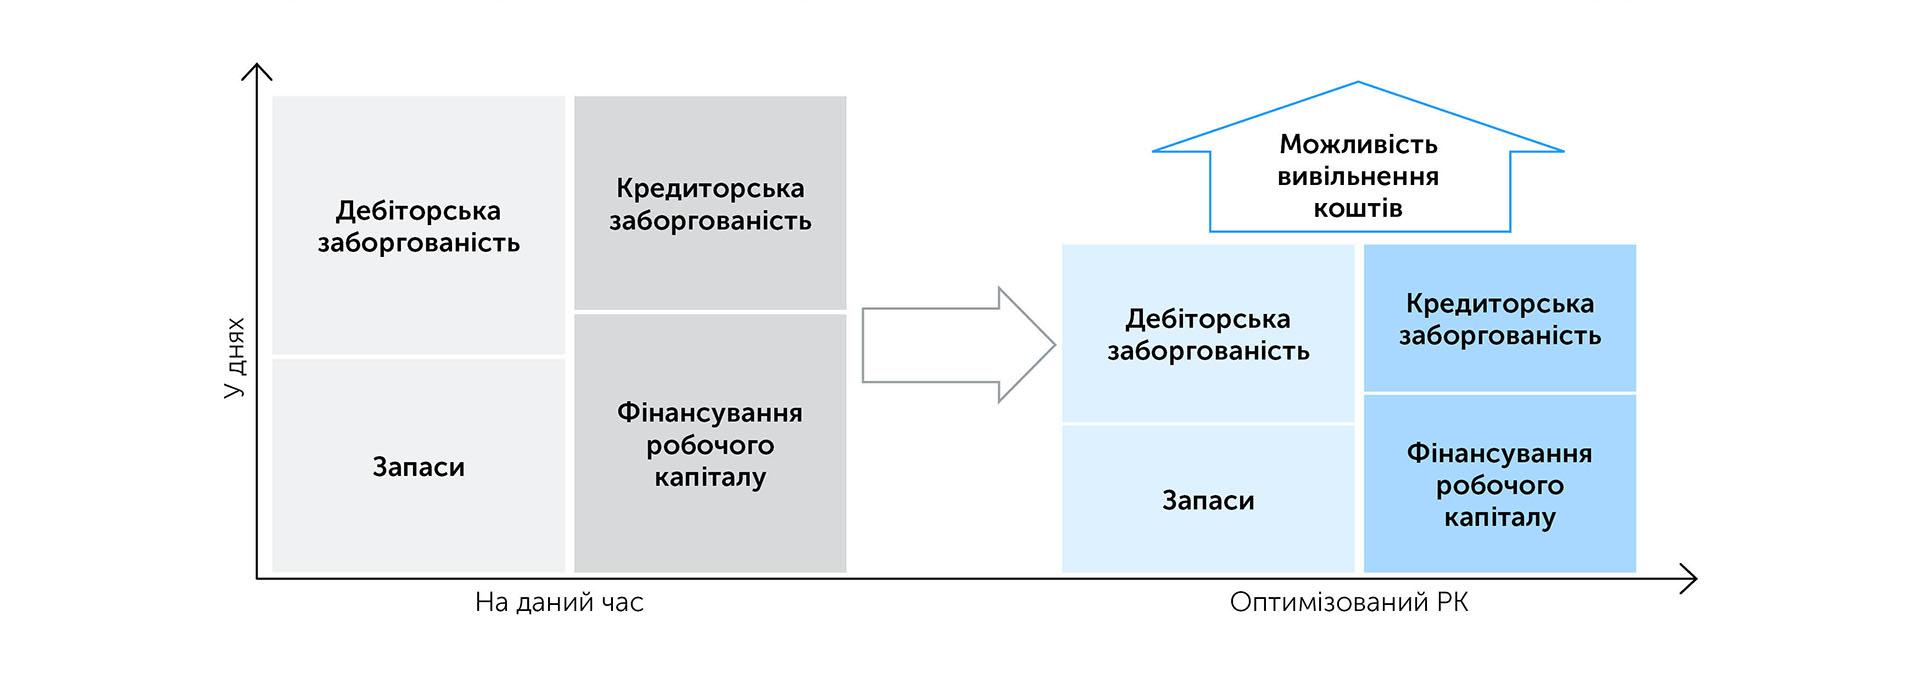 Бізнес: підготовка до зростання | Kyivstar Business Hub зображення №32